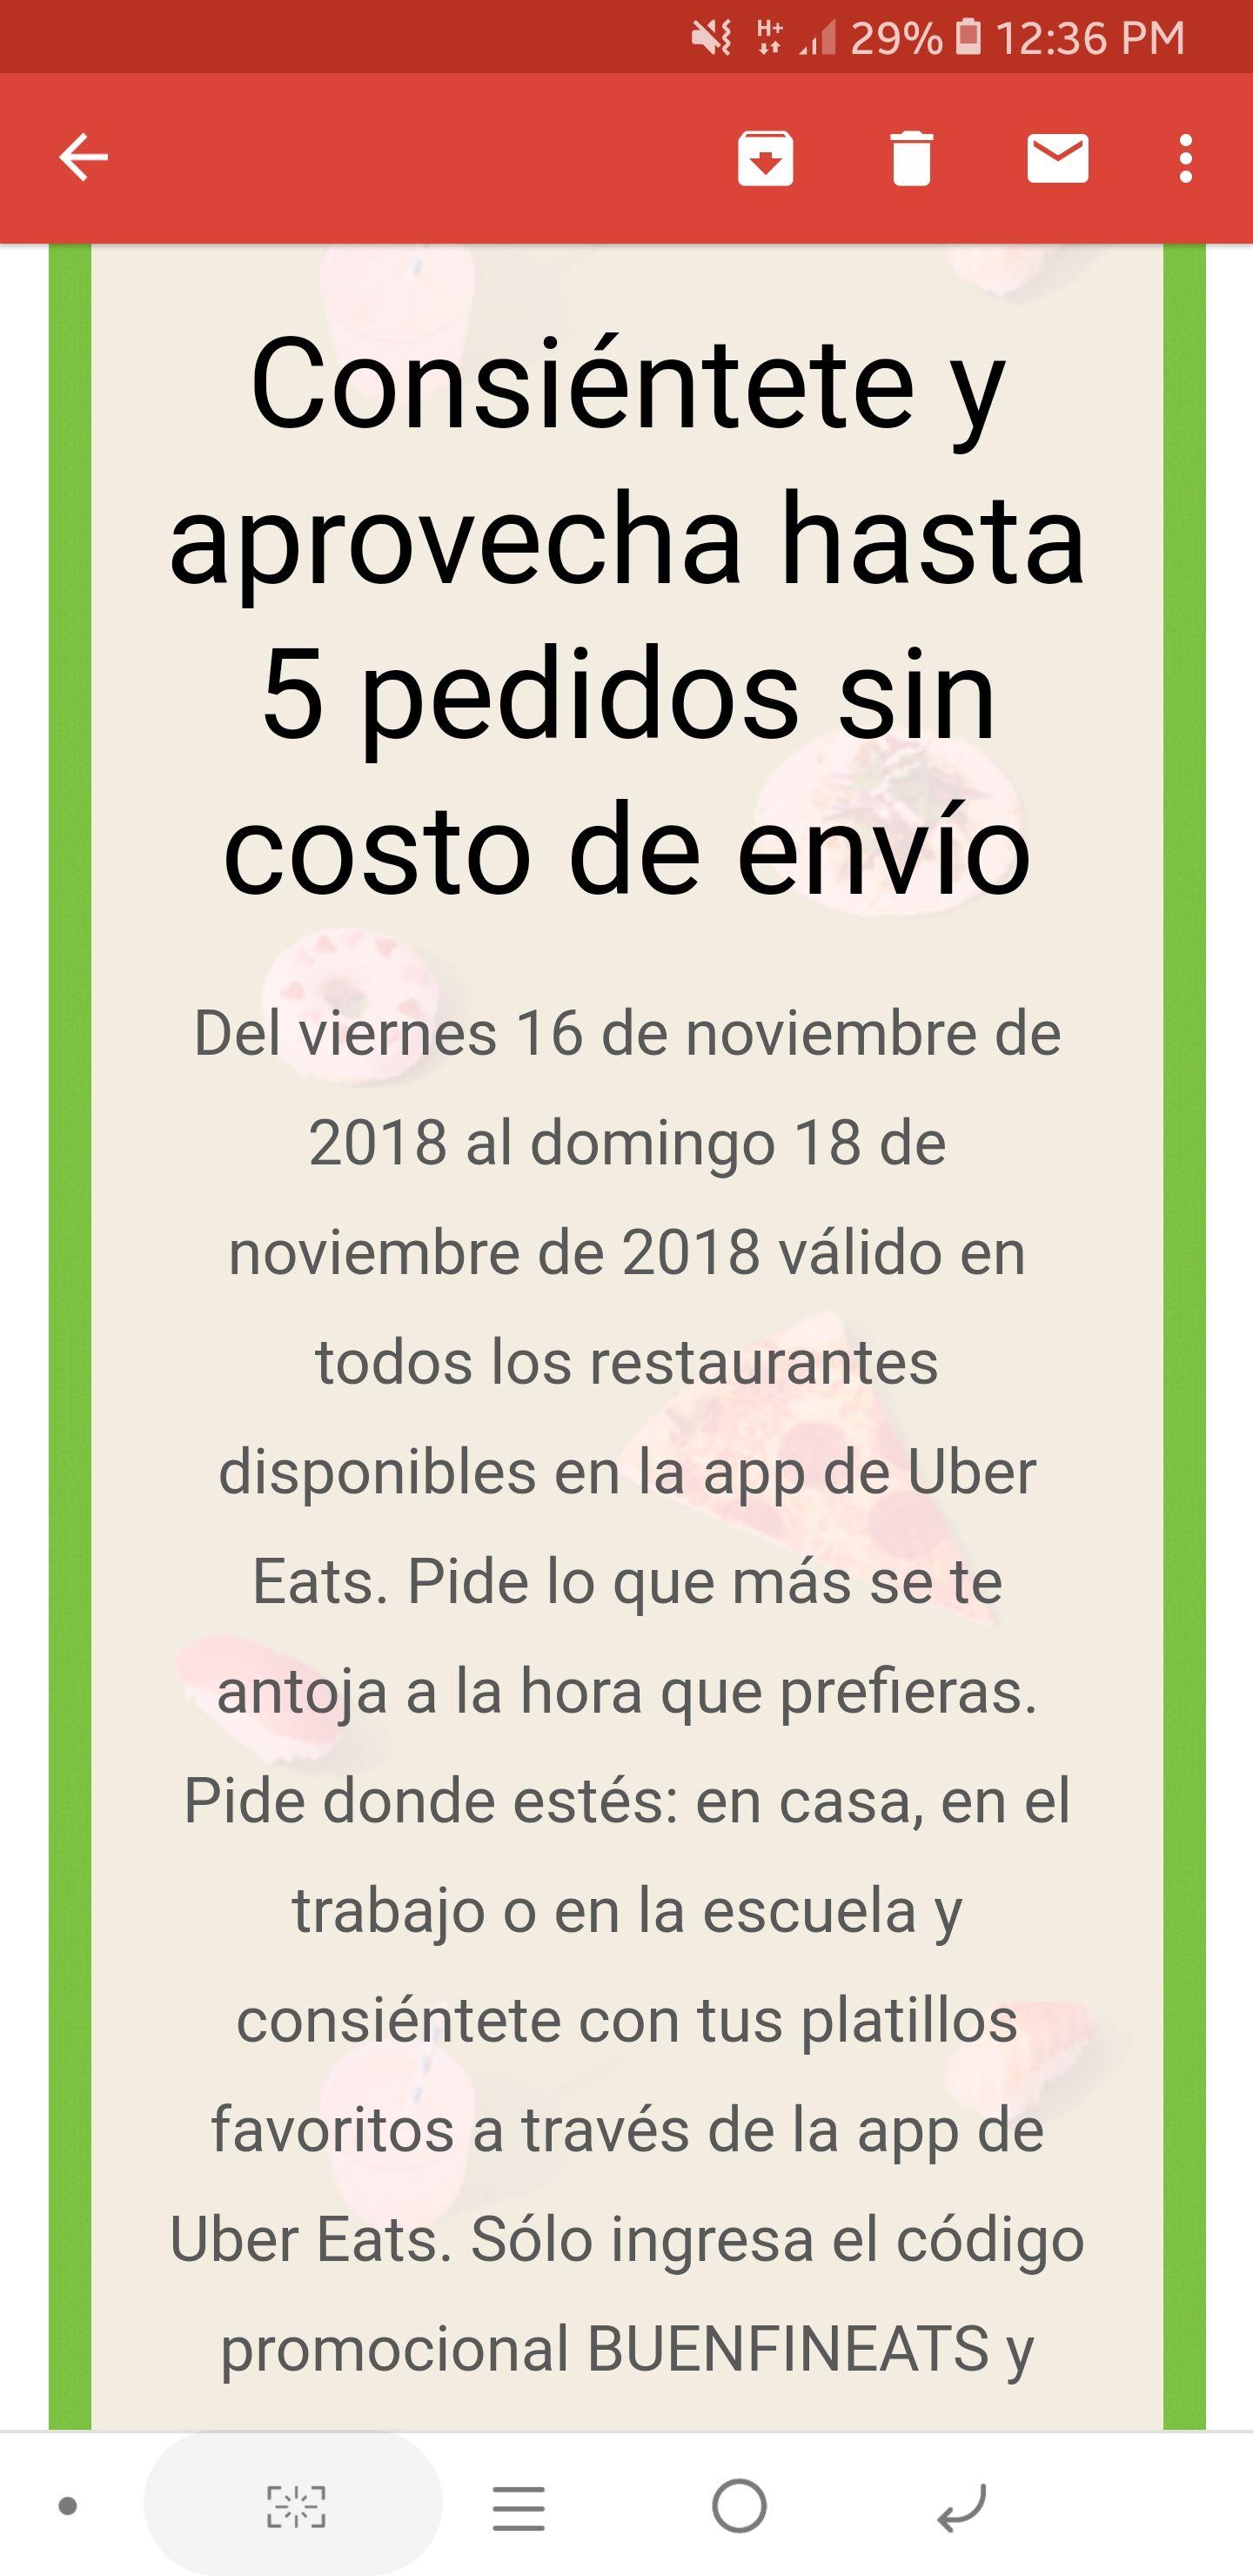 Ofertas Buen Fin 2018 Uber Eats: 5 envíos gratis